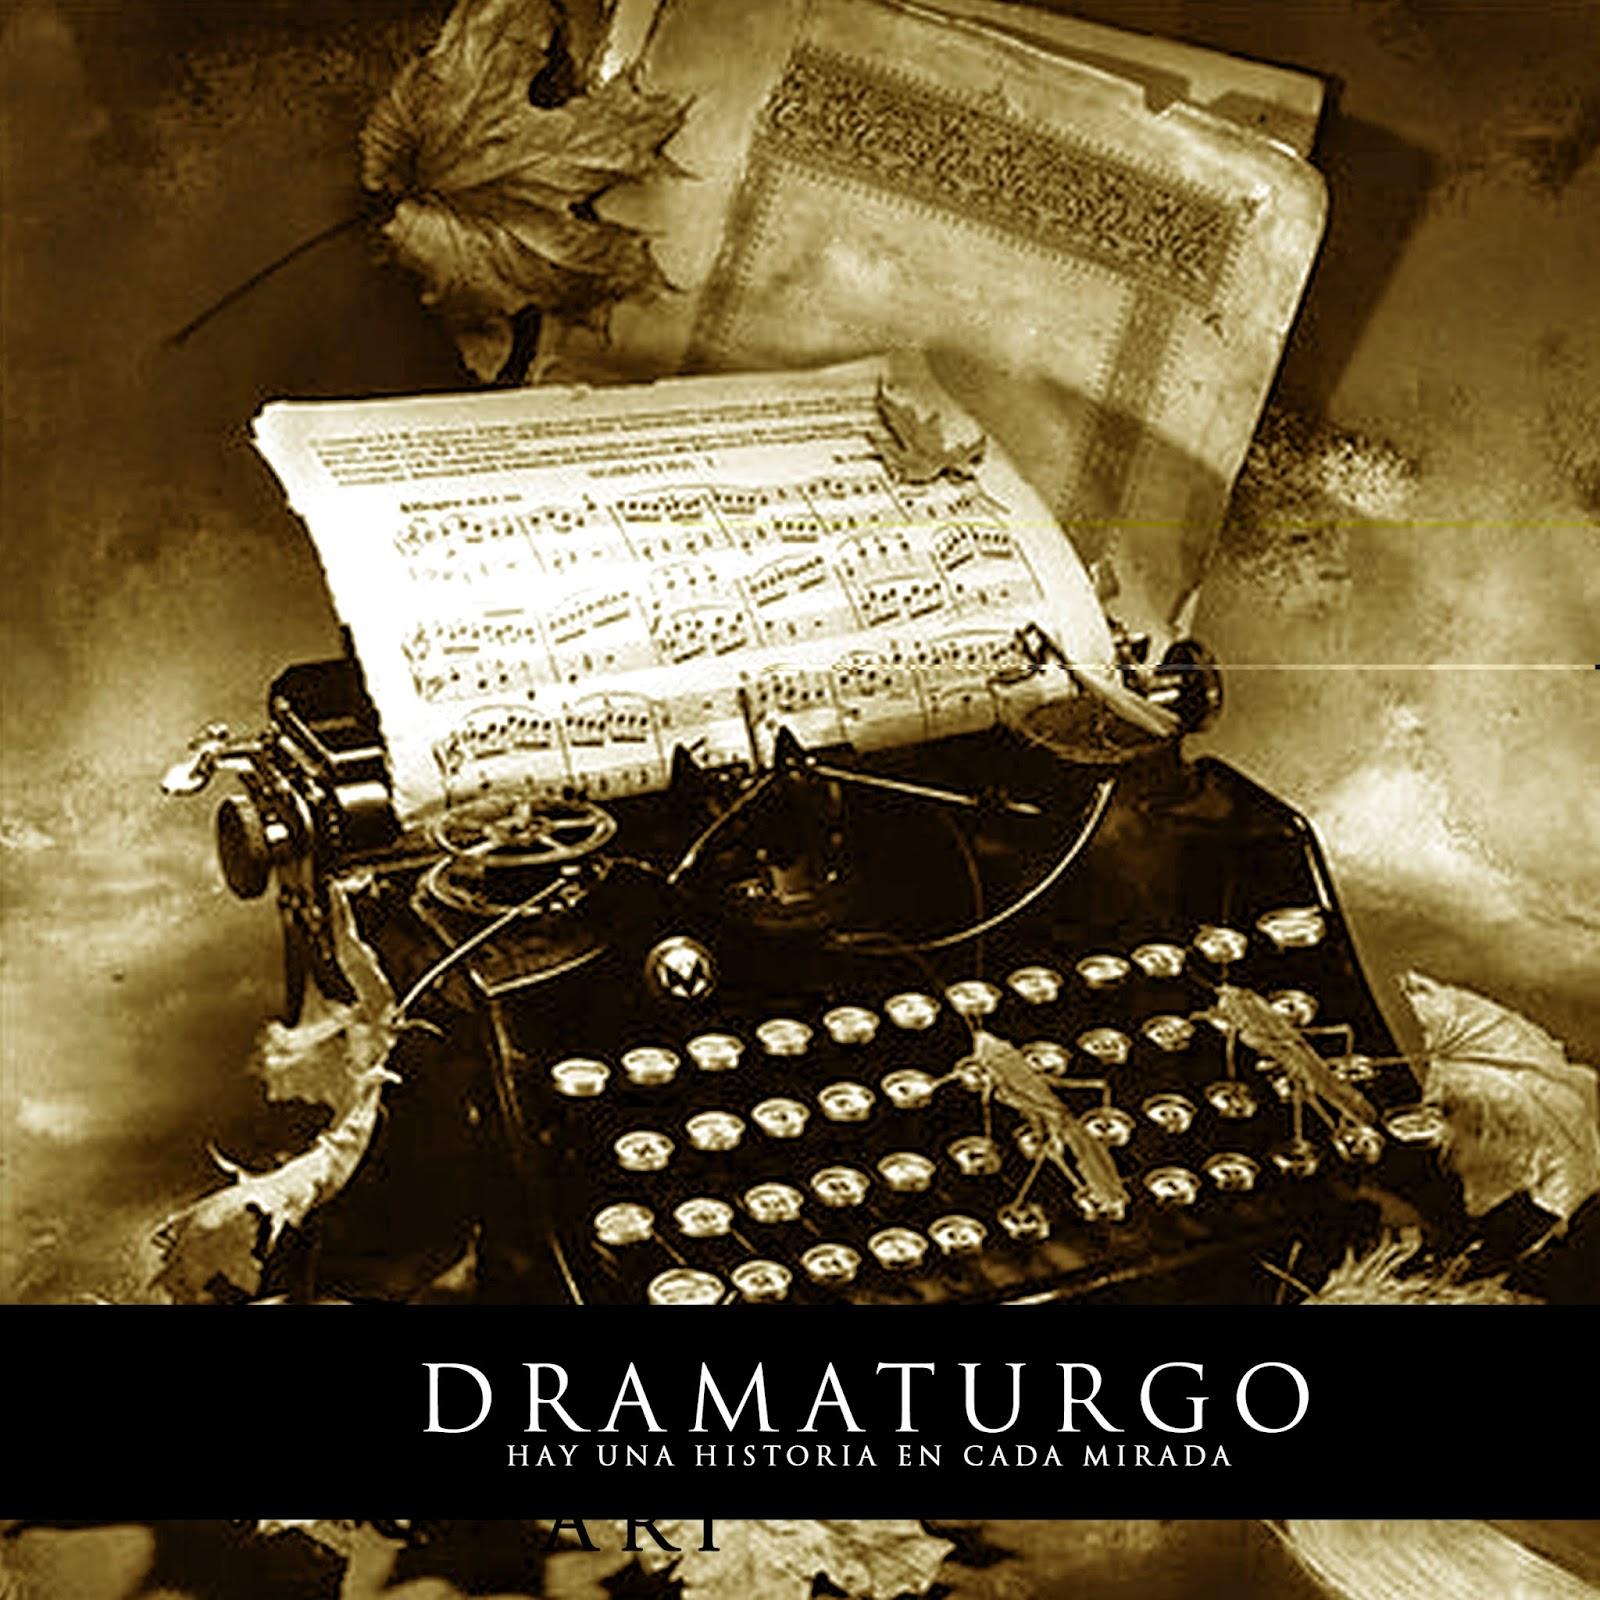 Ari - Dramaturgo [2011]